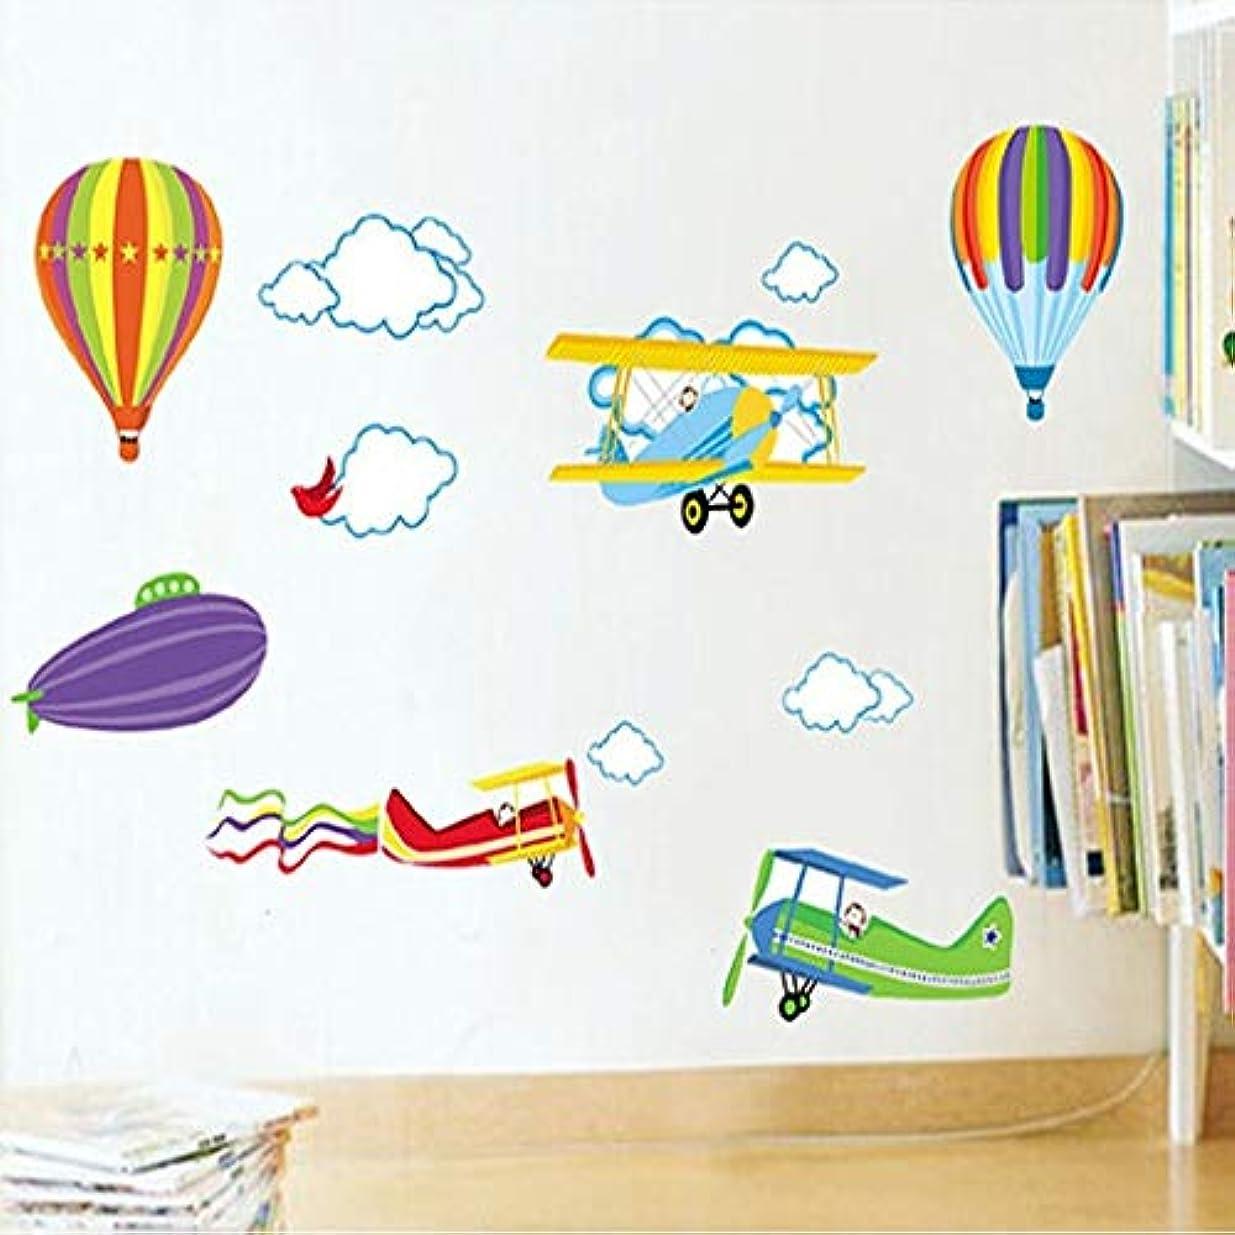 中古適合しました原子炉YSYYSH 子供の漫画の壁のステッカーベビールームの装飾取り外し可能な保育園の子供部屋の壁デカール航空機と熱気球 壁ステッカー壁画